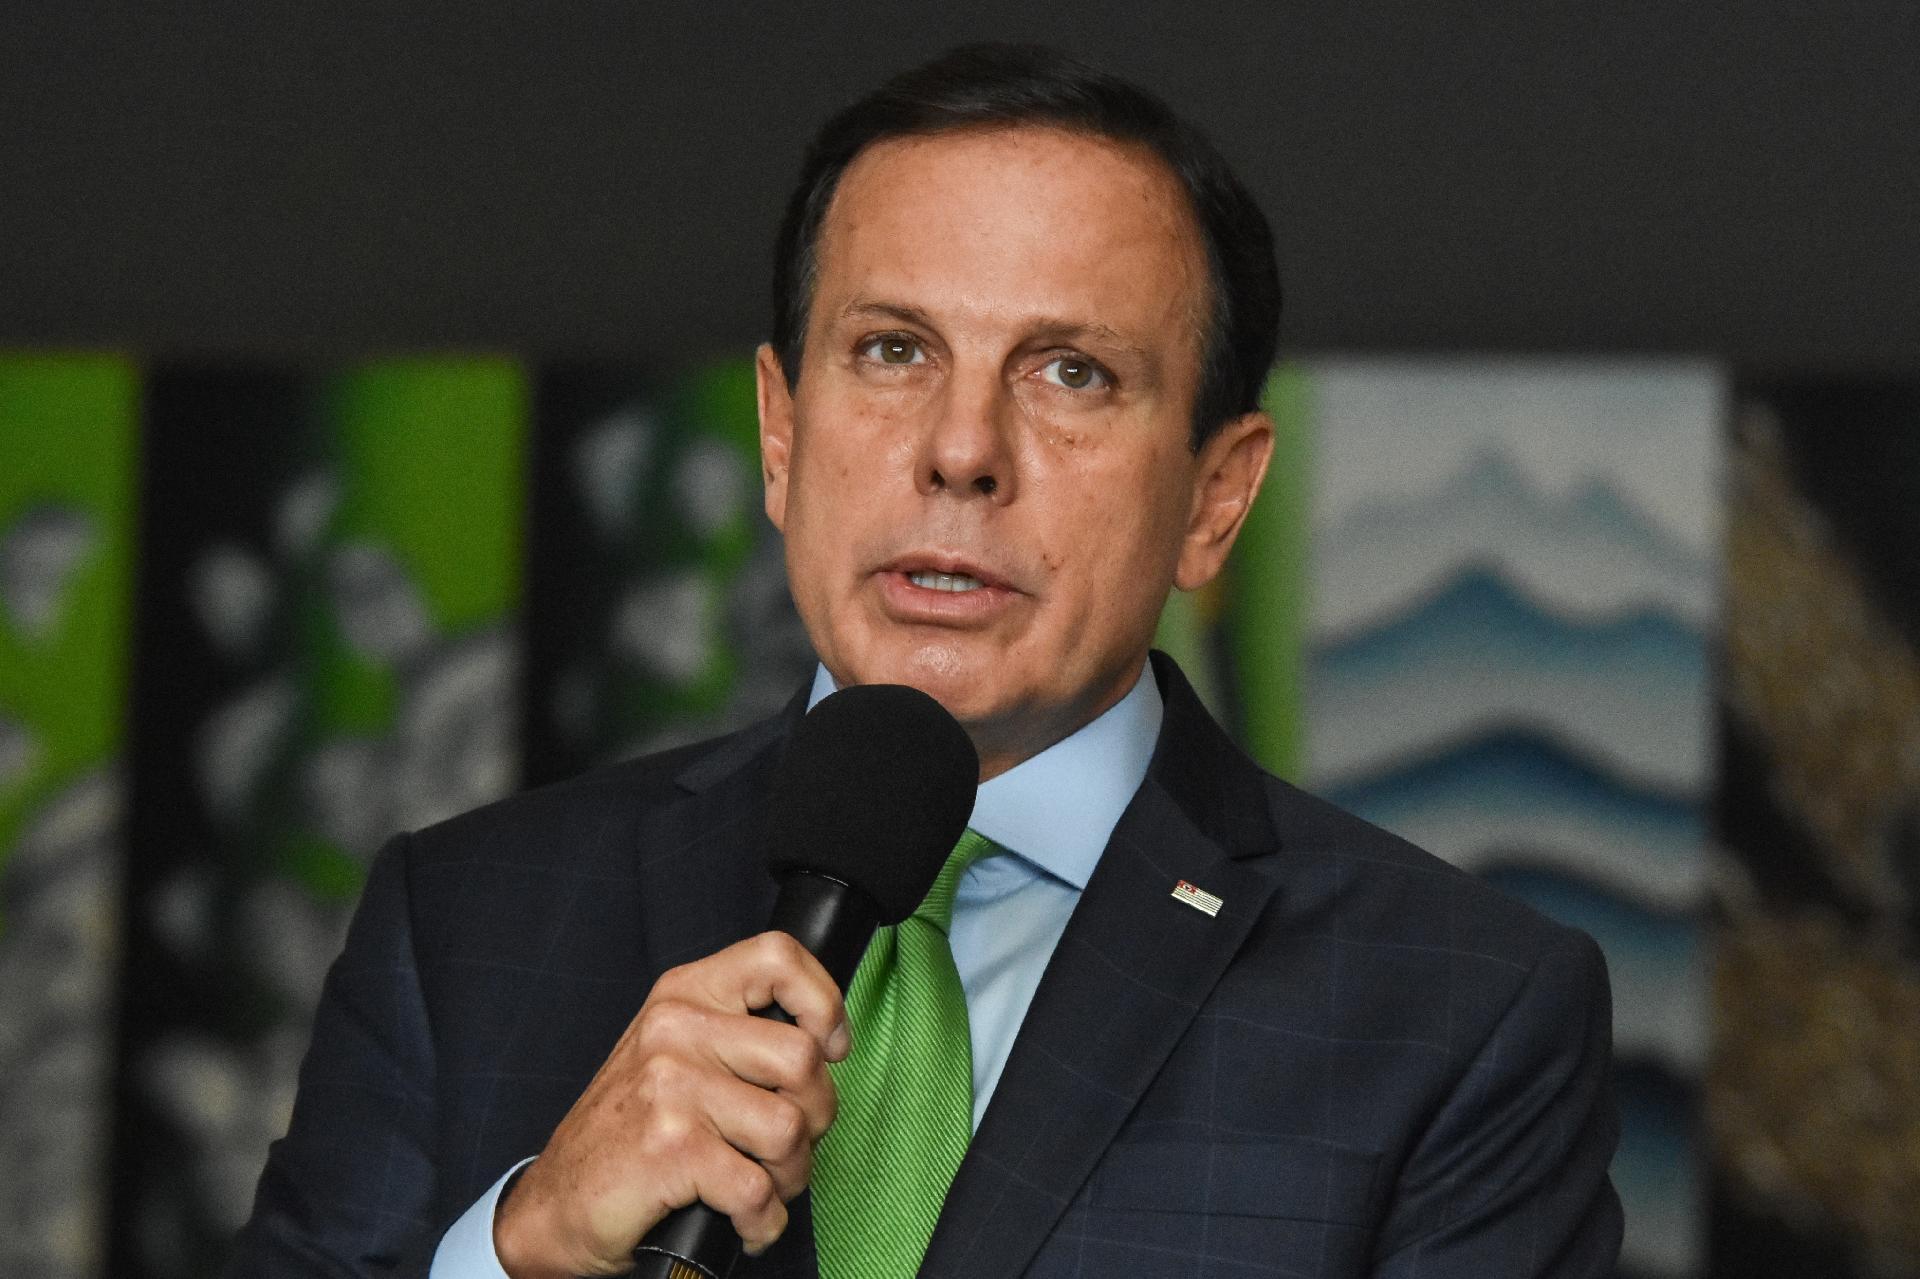 Está sendo um fracasso', diz Doria sobre postura de Bolsonaro na ...